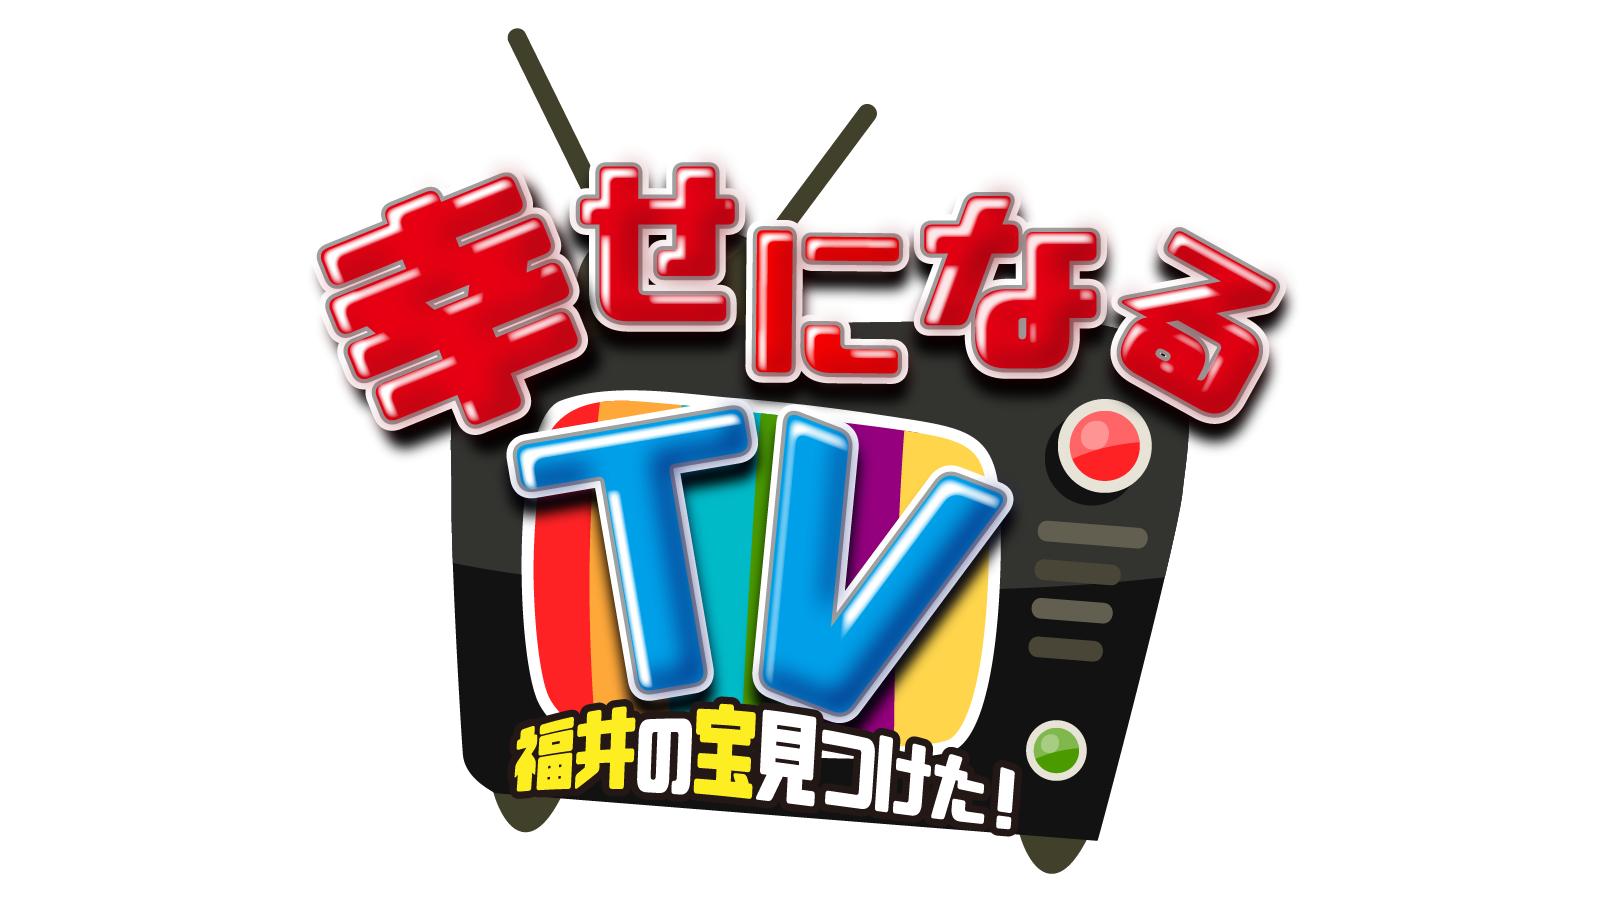 幸せになるTV~福井の宝見つけた!~